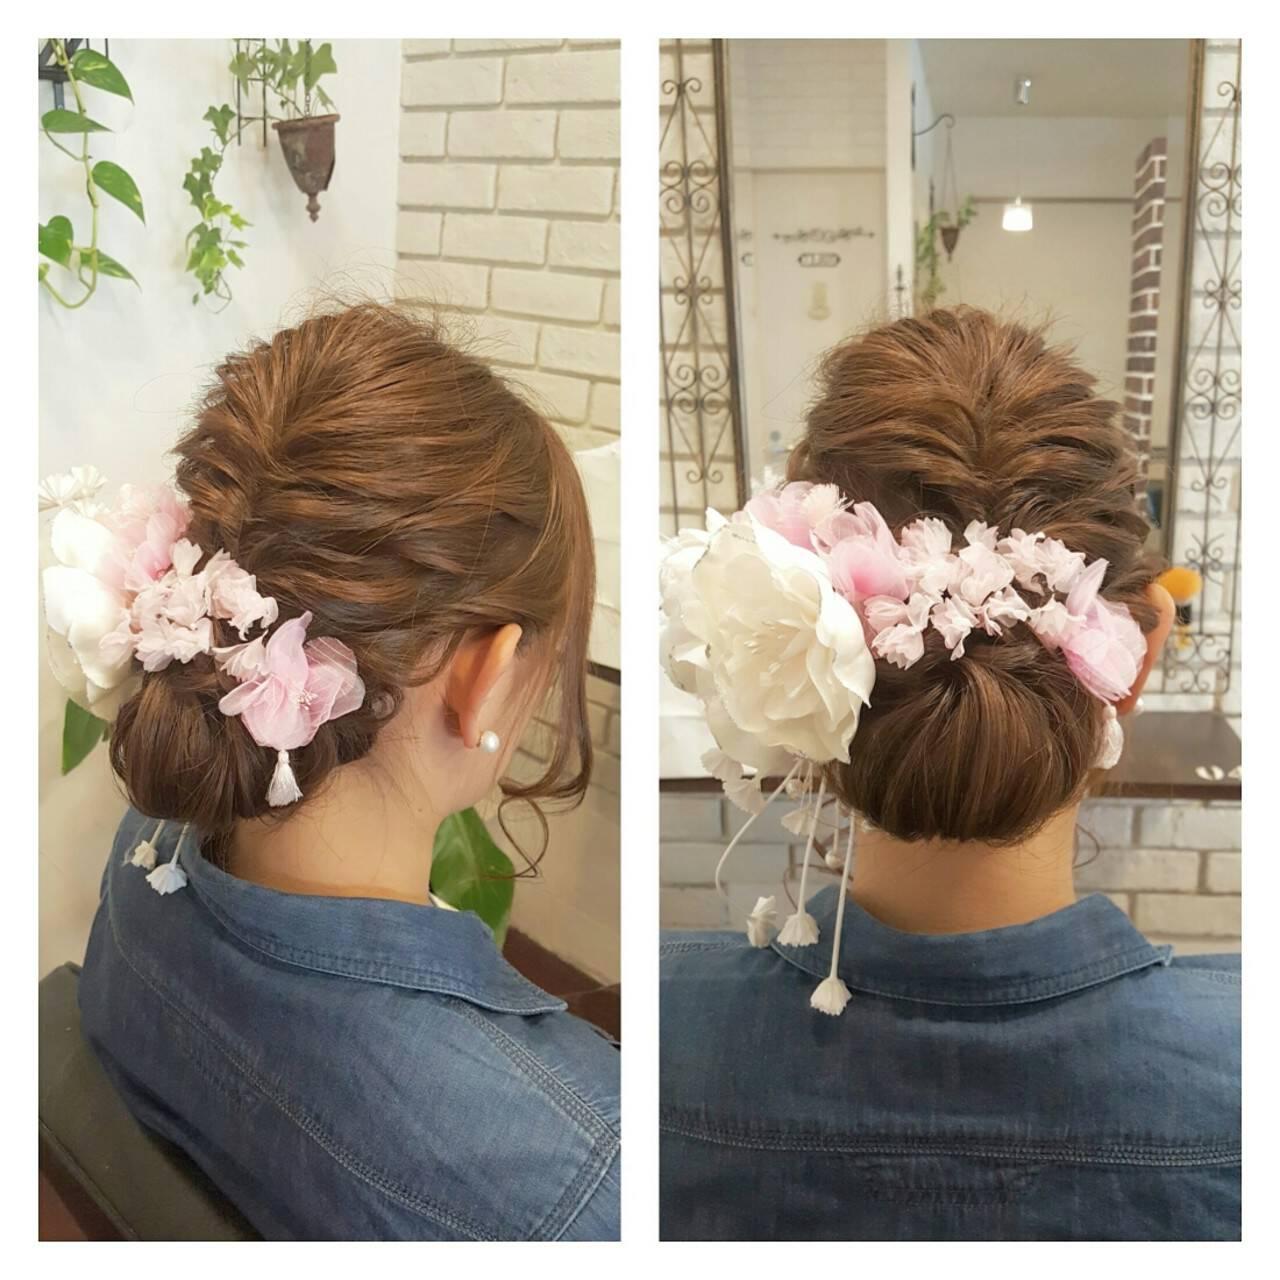 ハーフアップ ナチュラル 外国人風 ヘアアレンジヘアスタイルや髪型の写真・画像